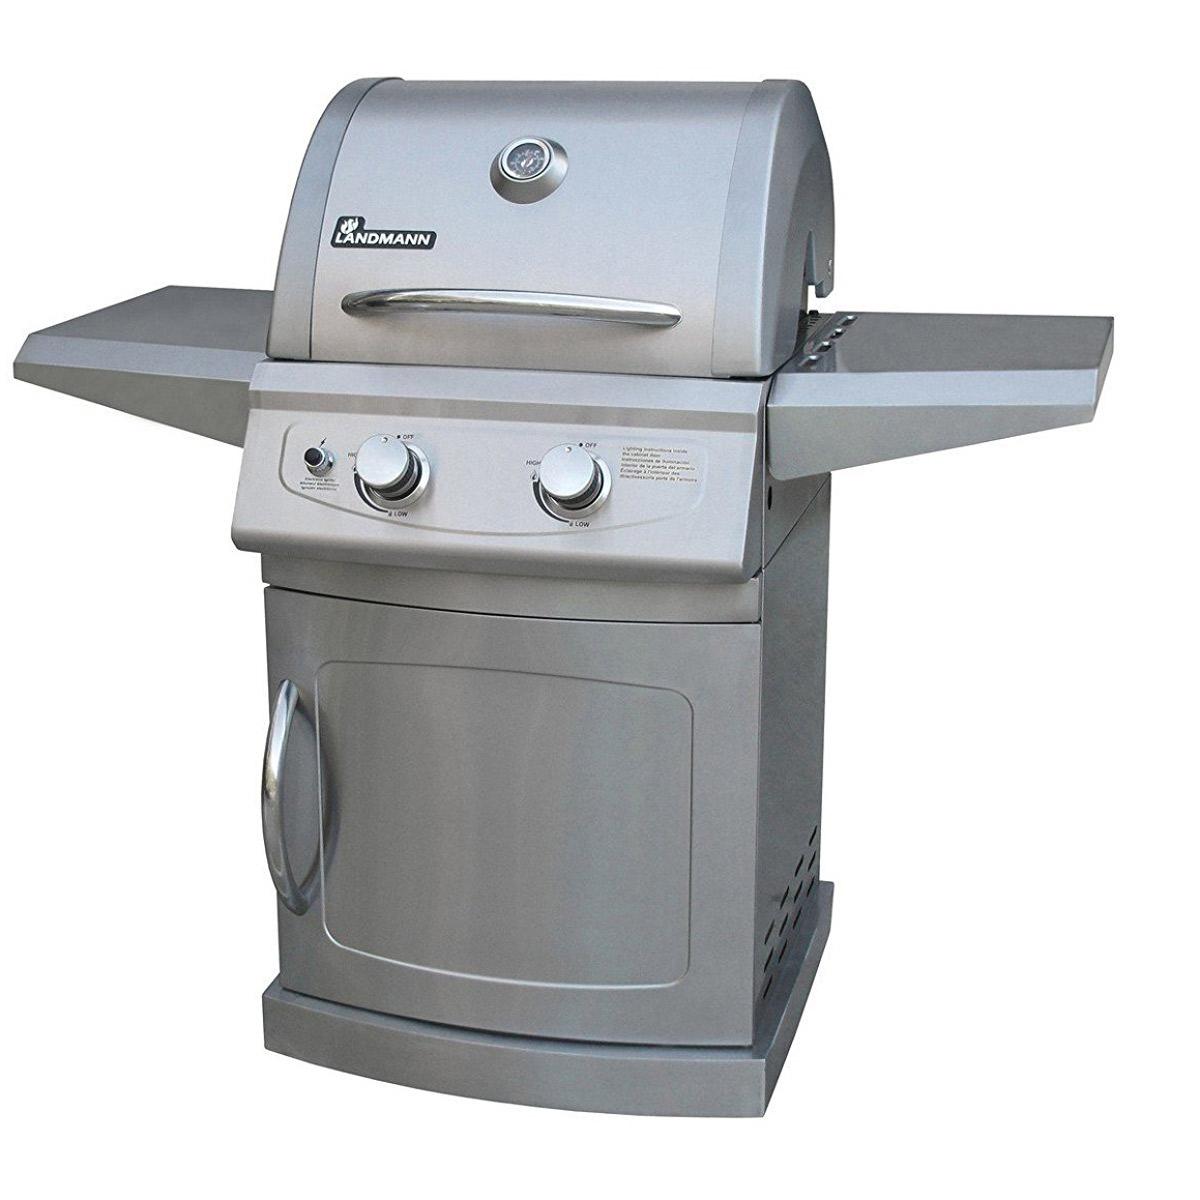 landmann lan-42204 falcon 2 burner 4 caster stainless steel gas